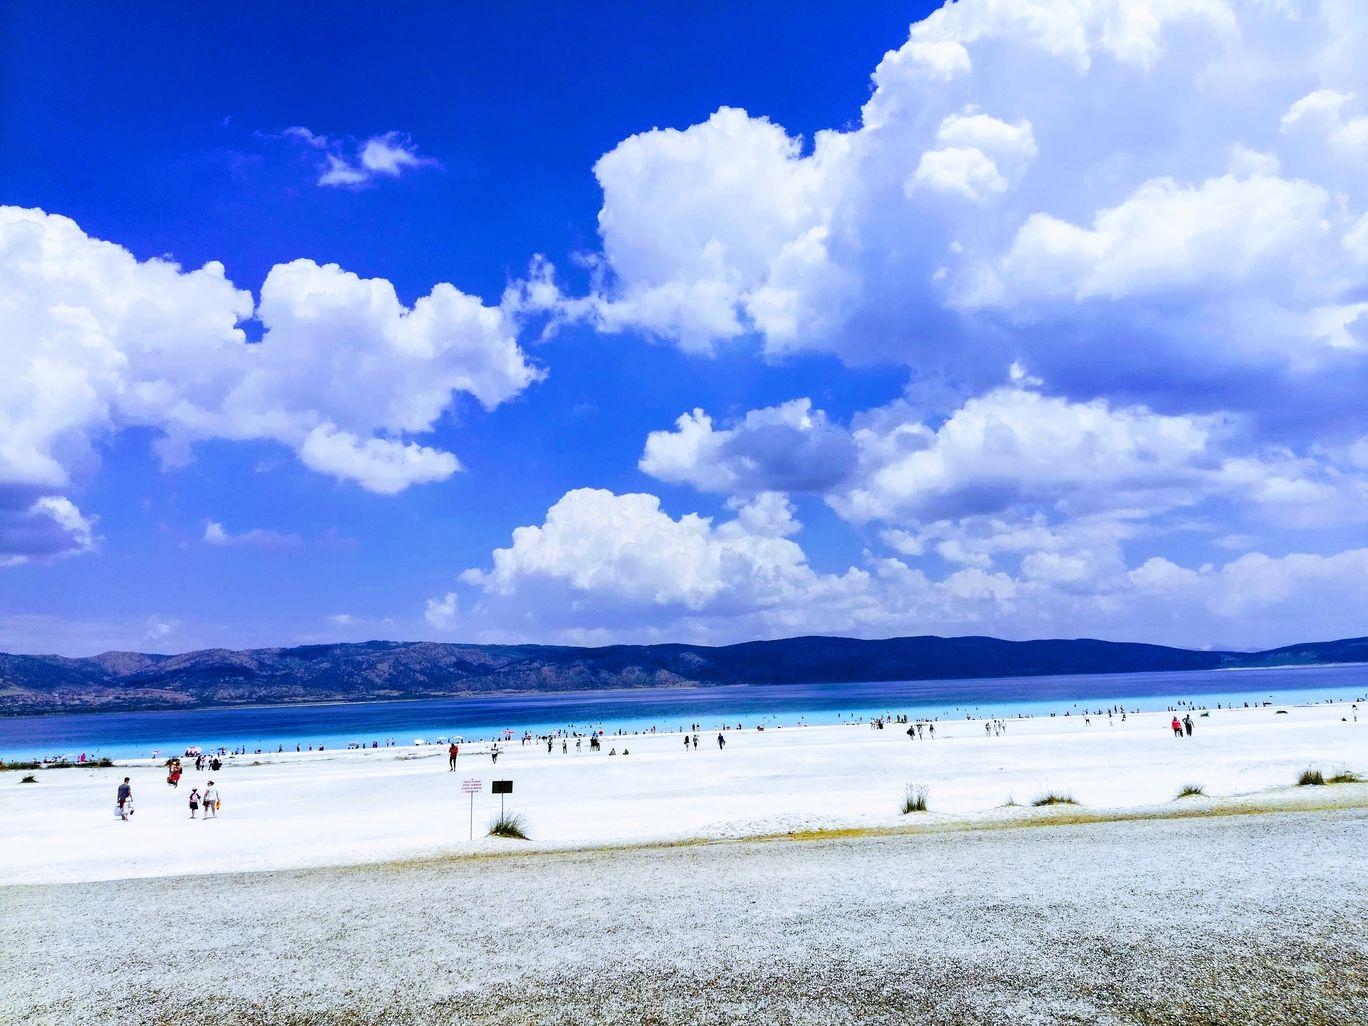 Photo of Lake Salda By Charu Vashist